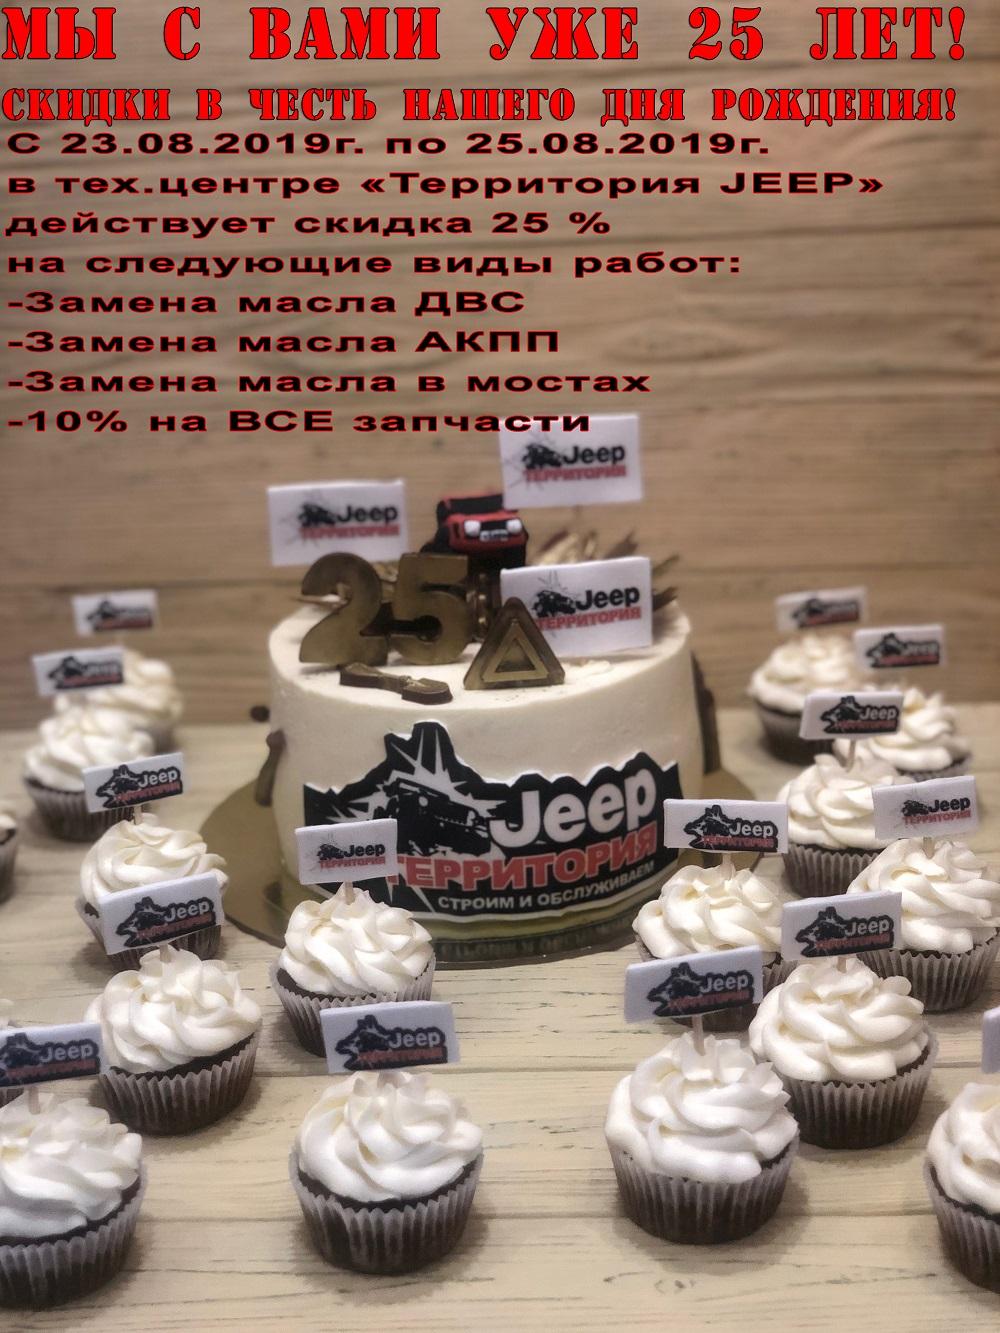 """""""Территория Jeep"""".Запчасти Б/У, NEW, Off-road - Страница 4 E7e2fc2e66c525cdd84f86de620aa860"""